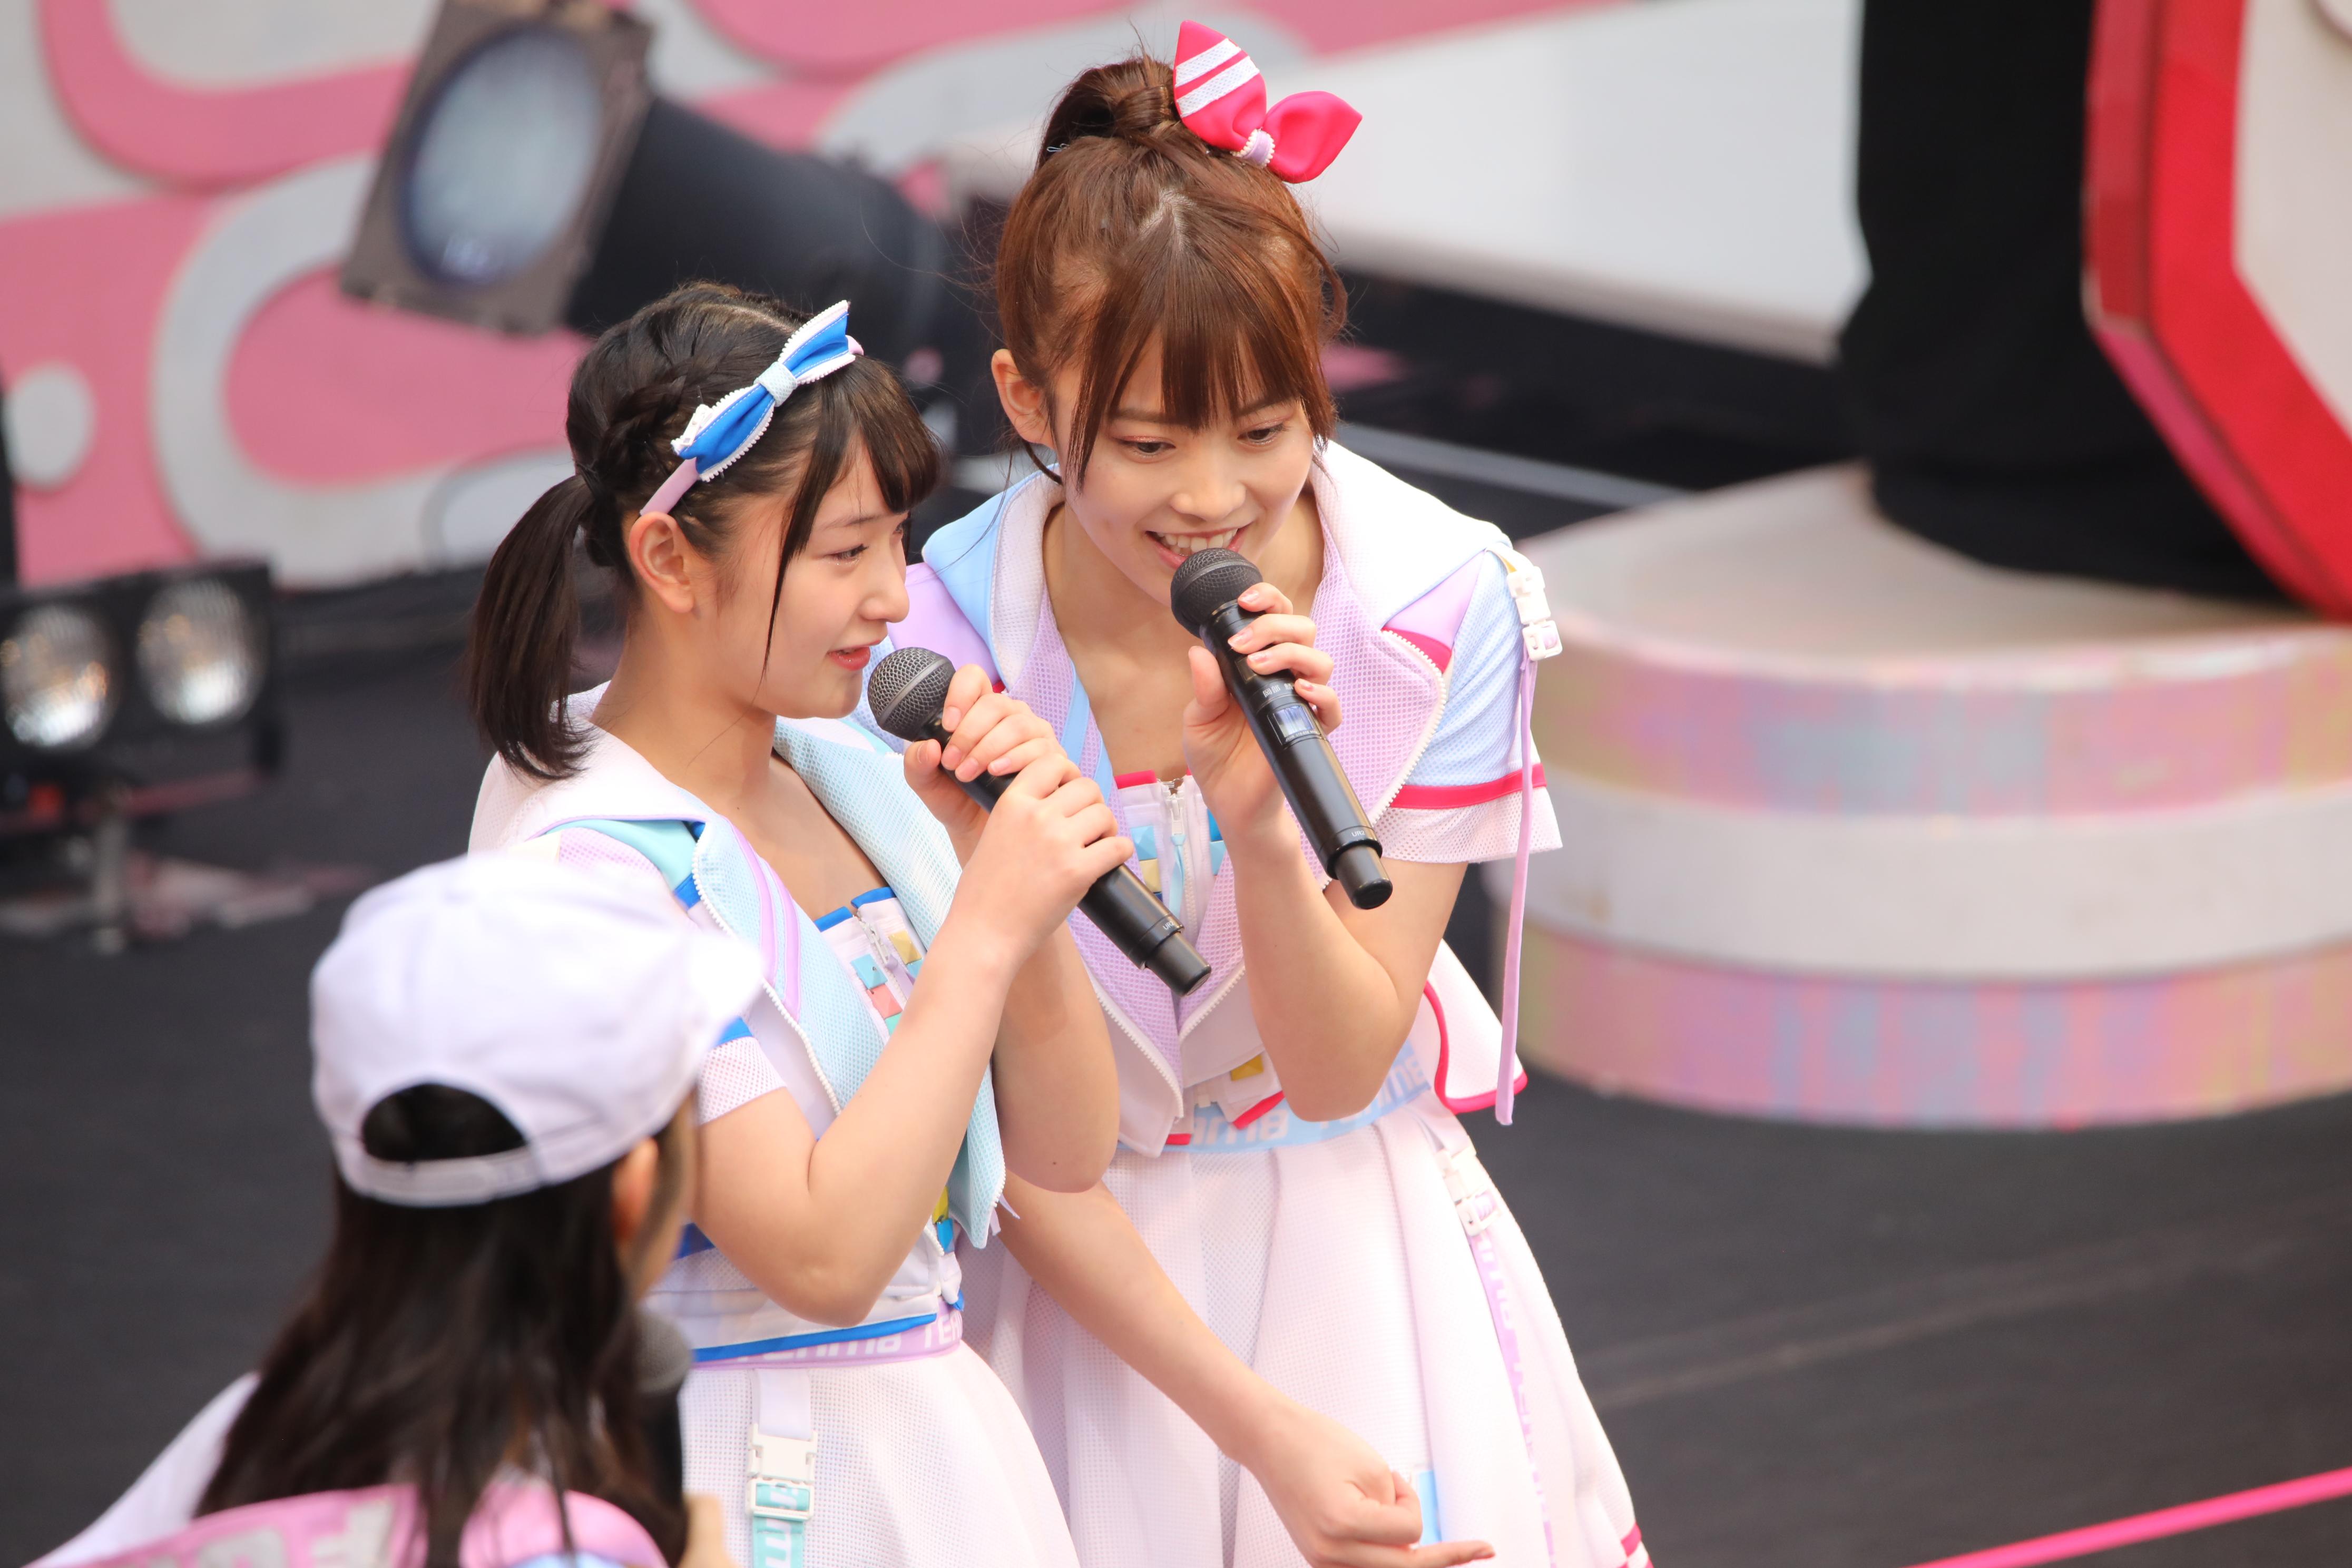 藤園麗と岡部麟「私もきゅうりが大好きなんだけど、ちなみに何のきゅうりが好き?」